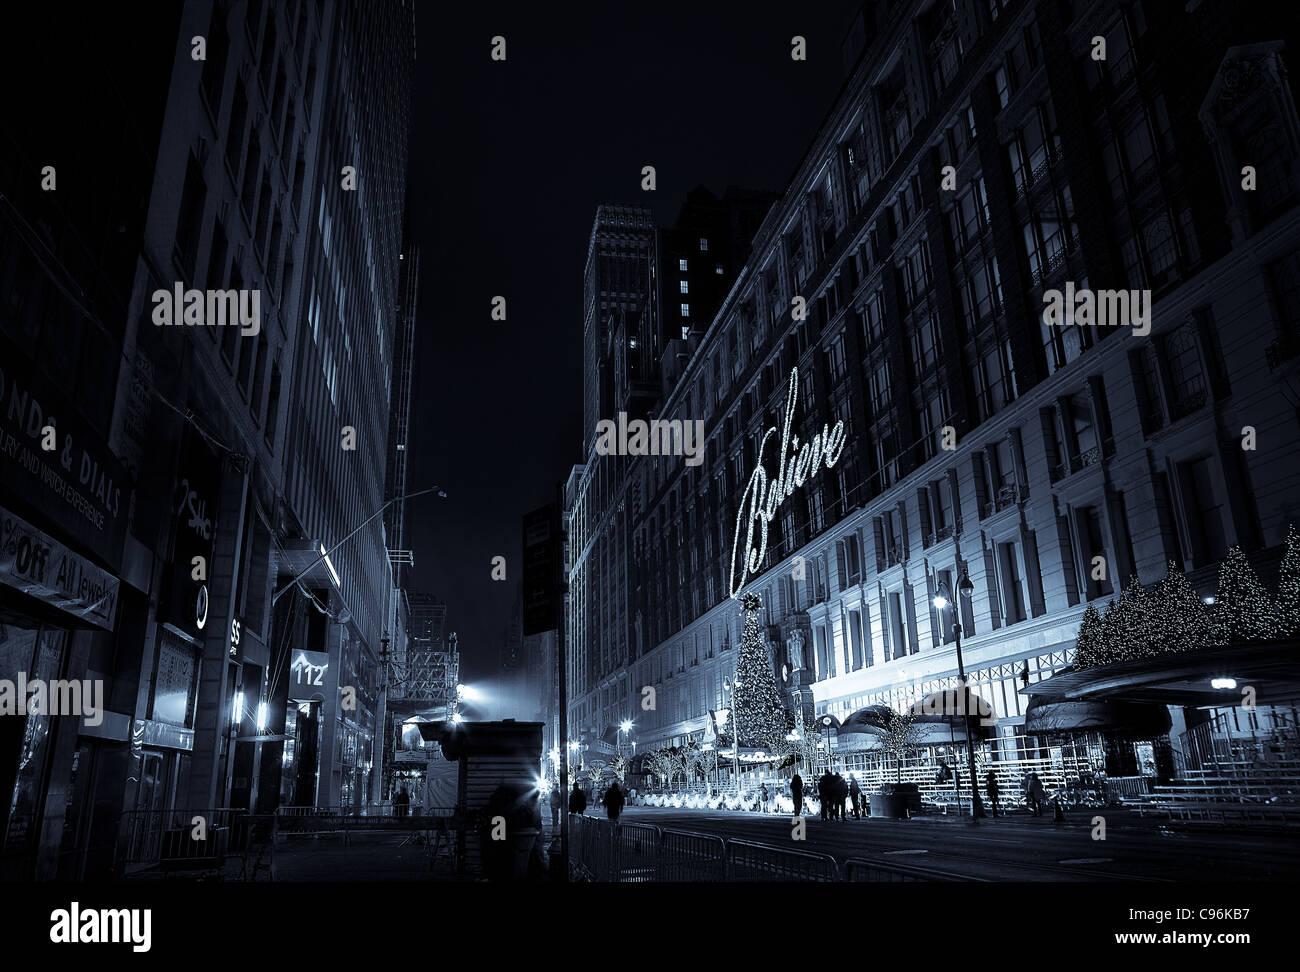 New York City Weihnachten Stockfotos & New York City Weihnachten ...